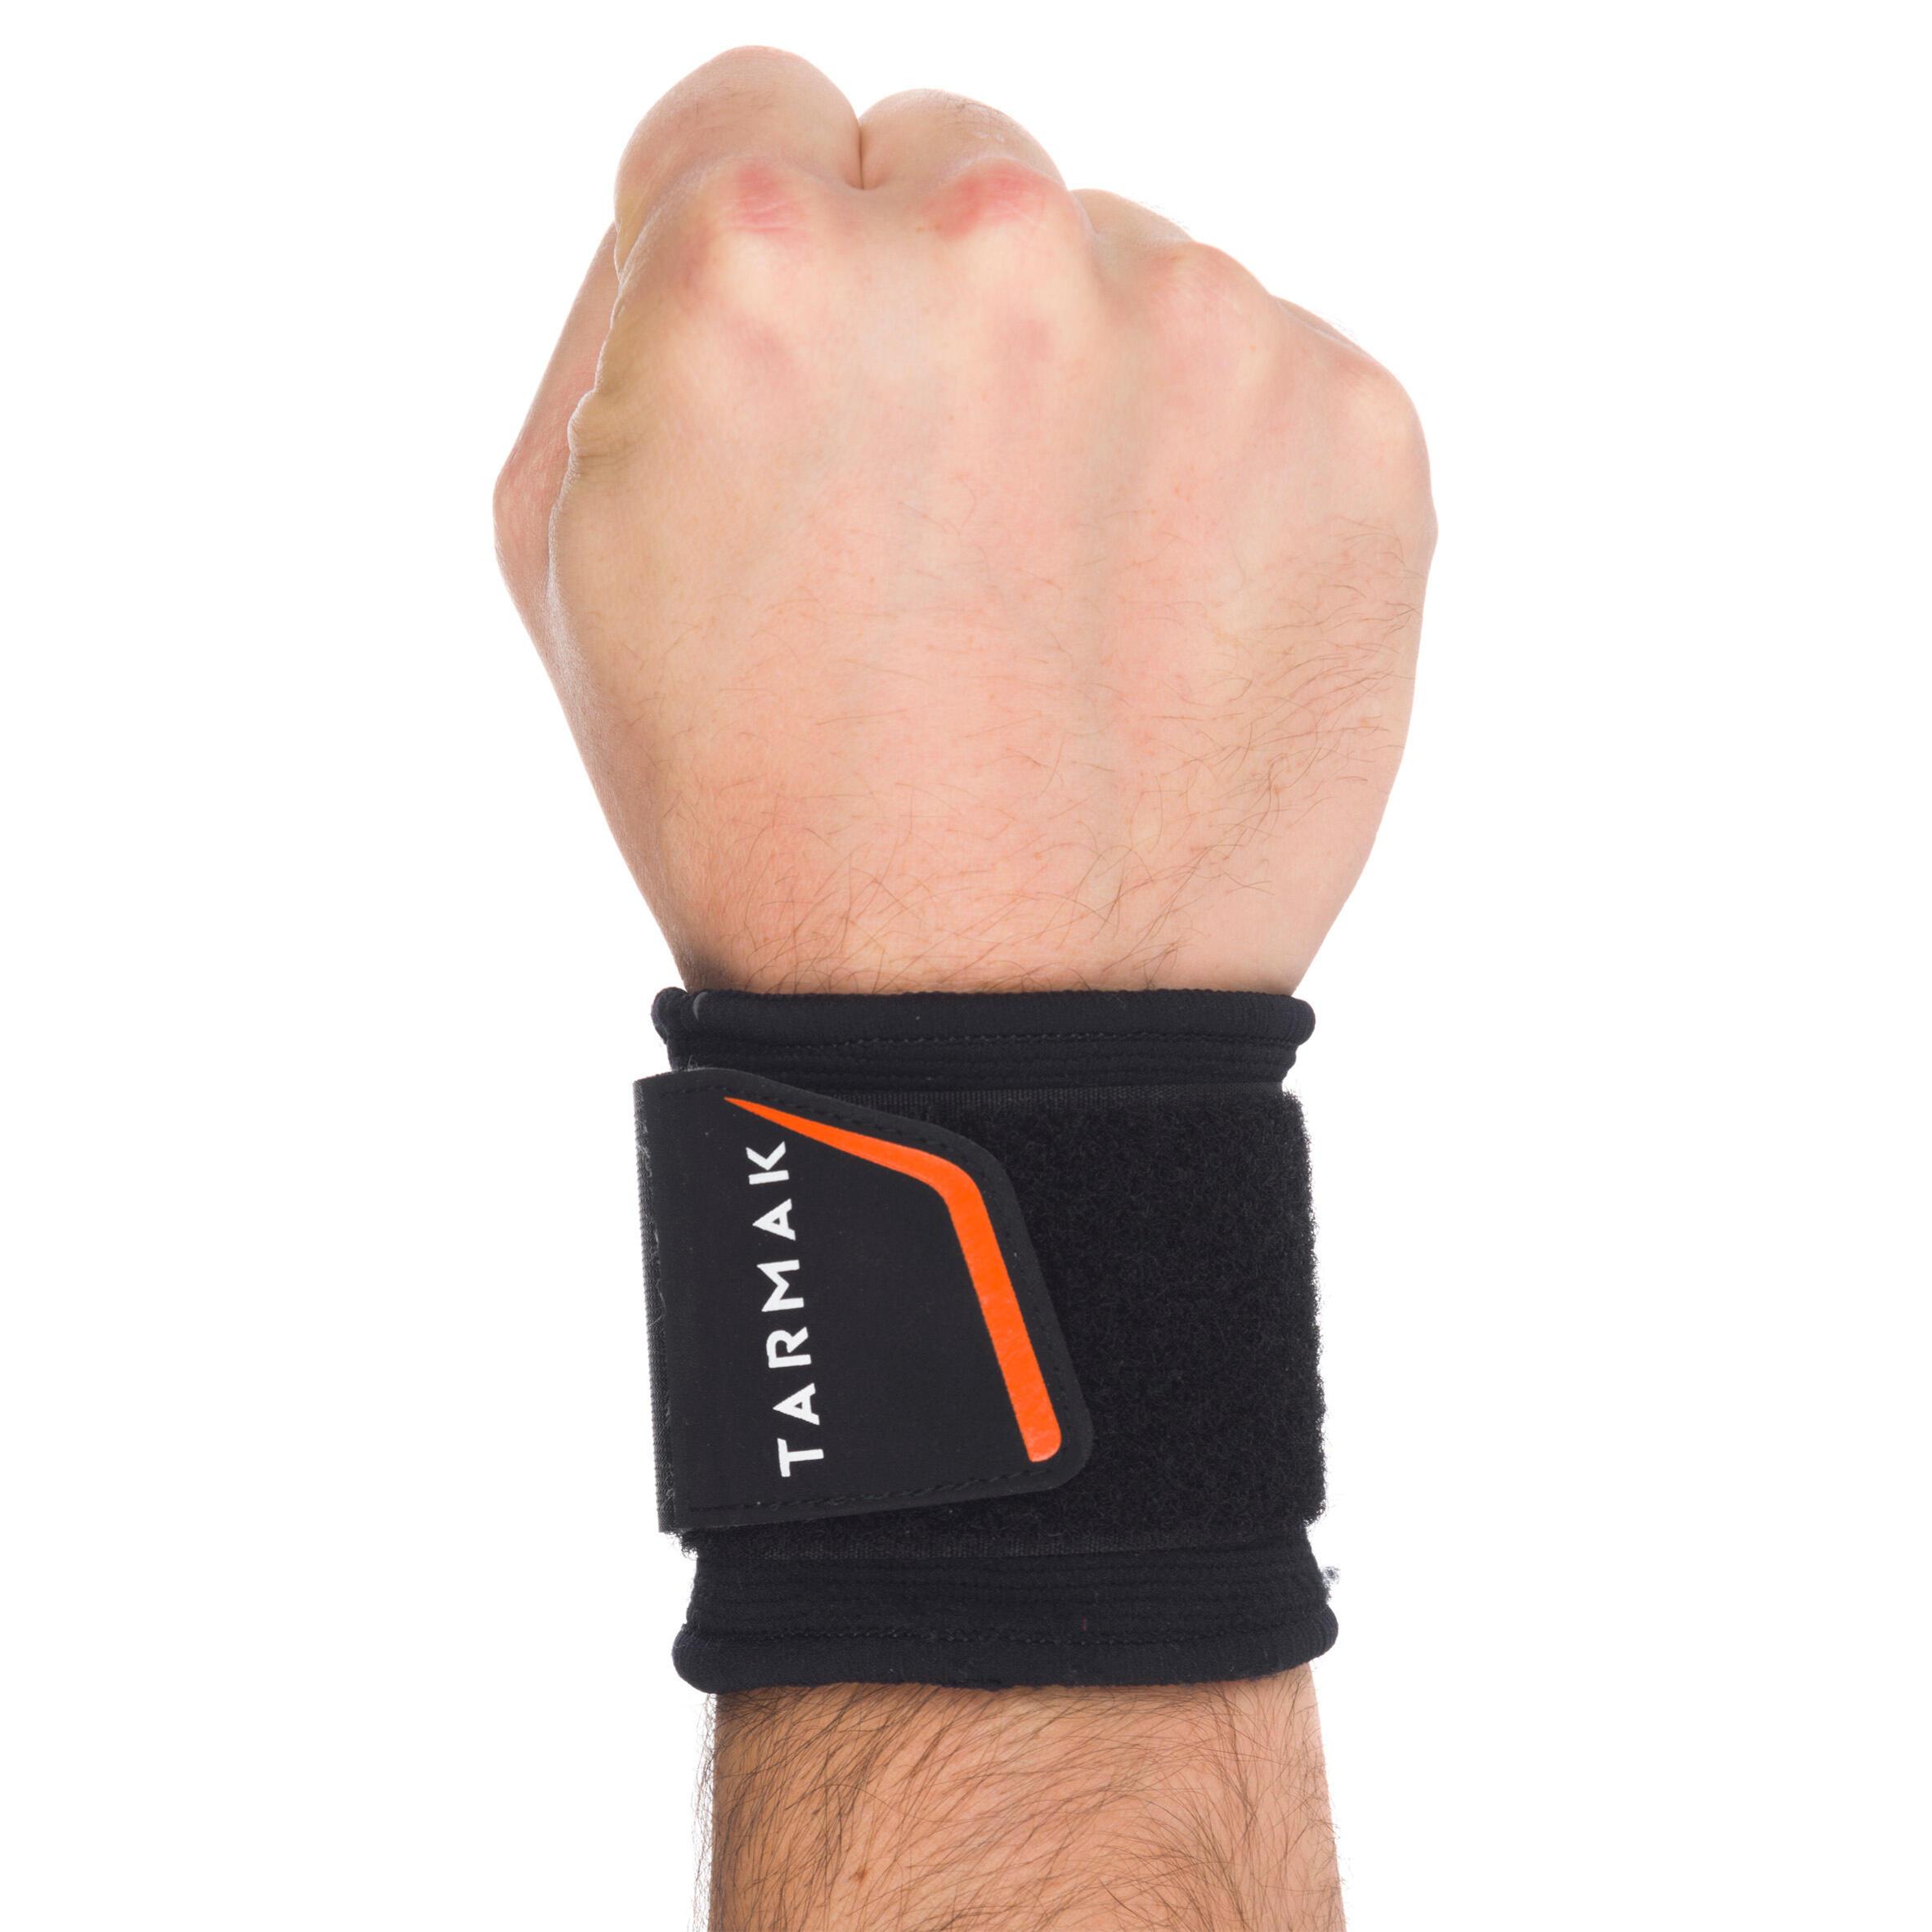 Bande de maintien pour poignet adulte MI-HAUTE 300 noir